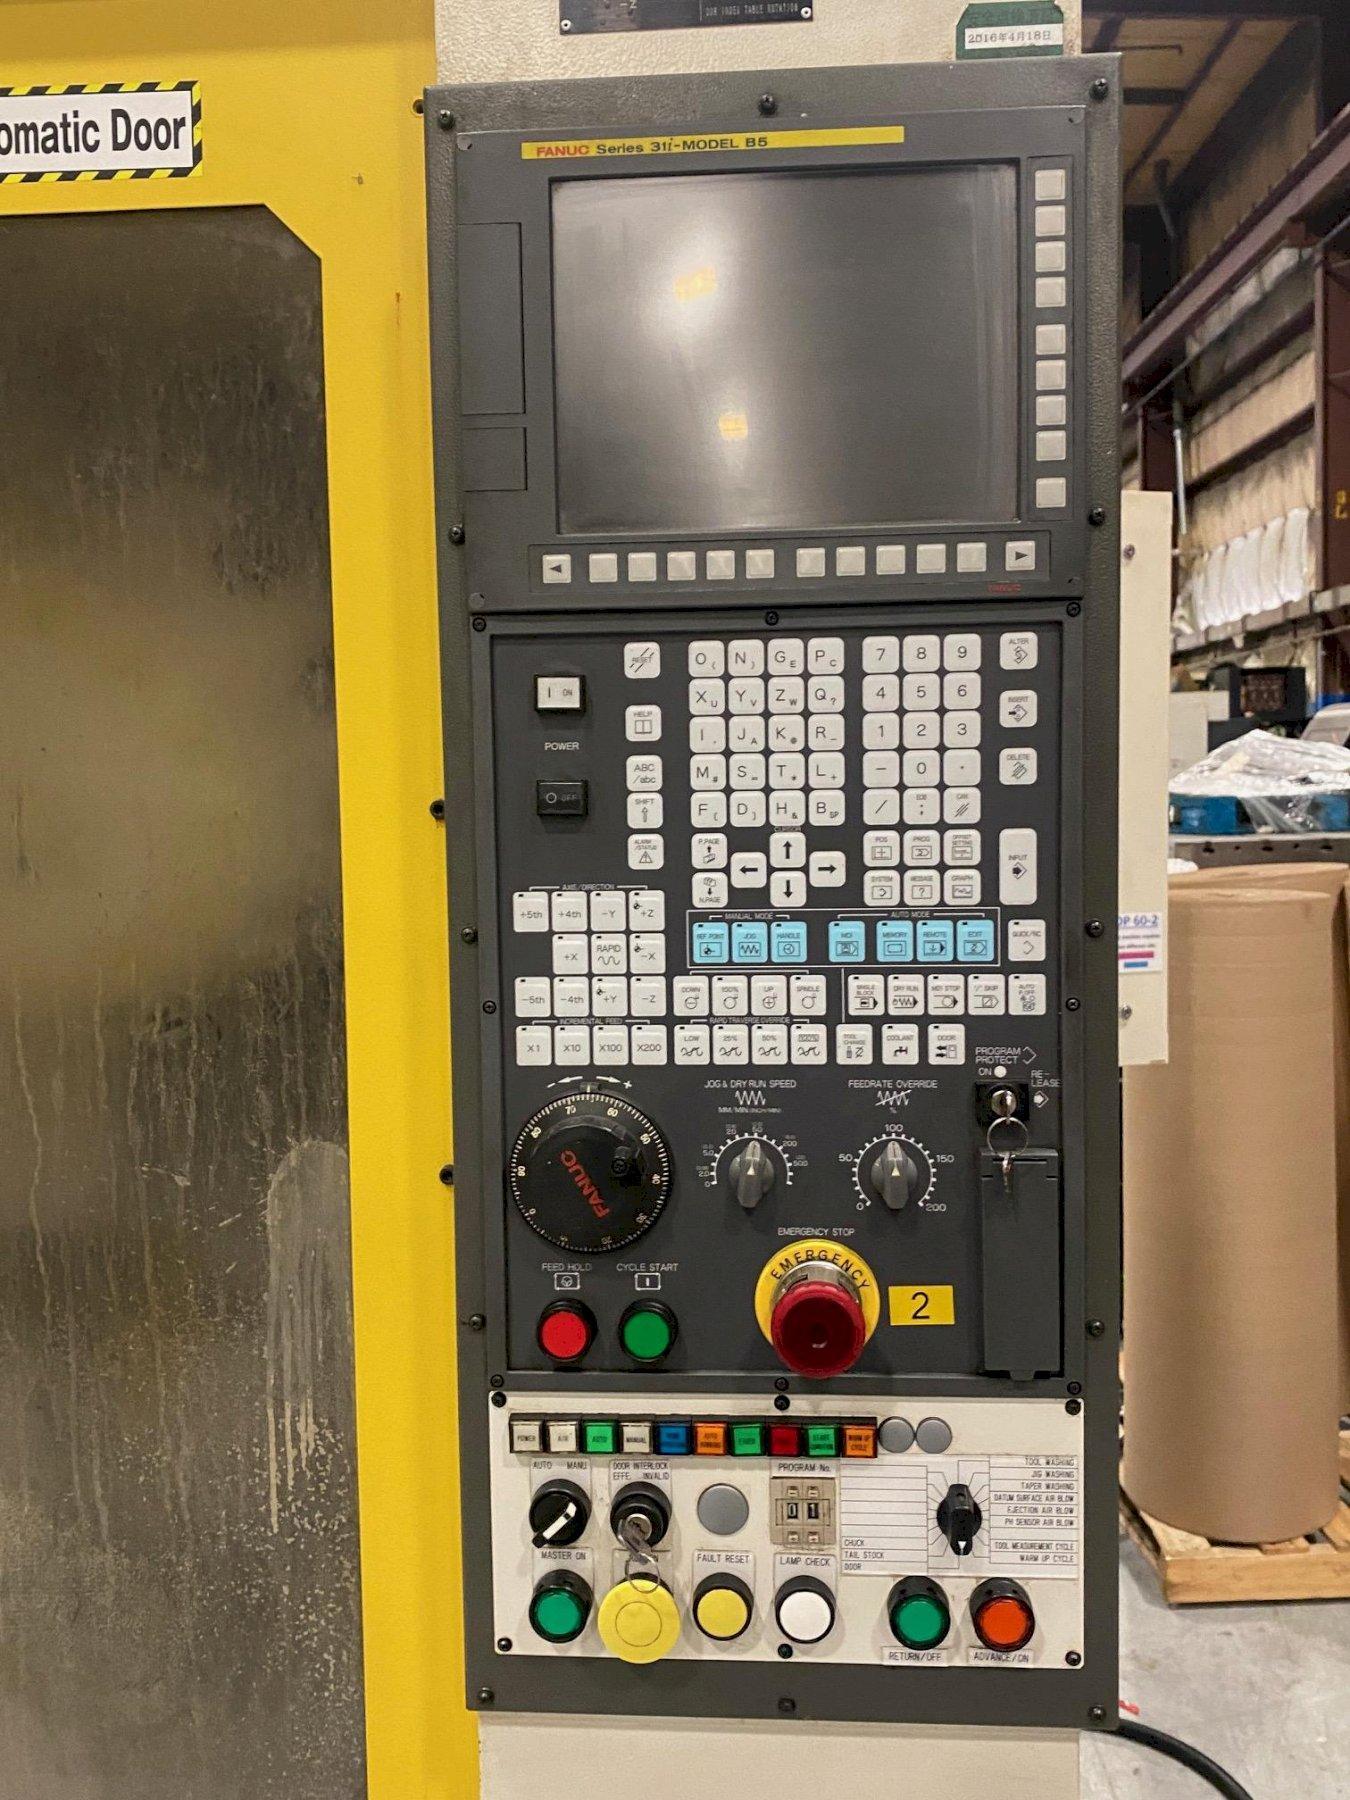 Fanuc Robodrill a-D14MiA5 CNC Vertical Machining Center